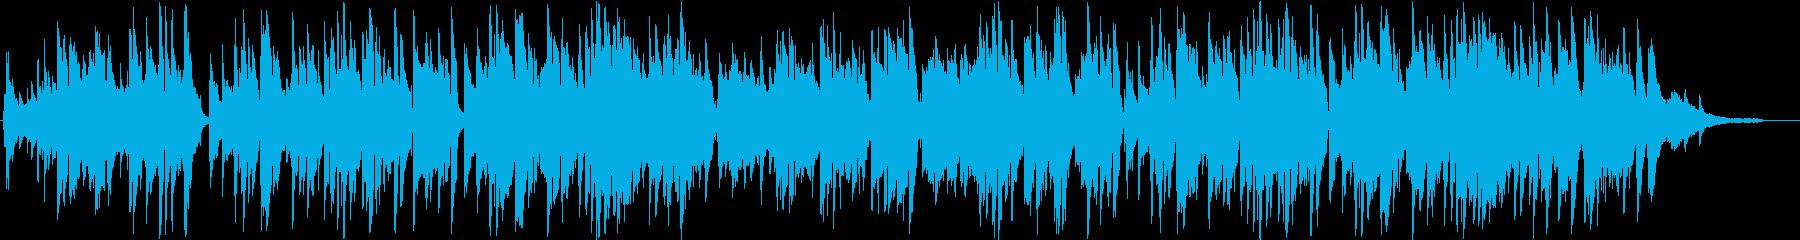 マンドリンのイタリア南欧系ジャズ・伴奏版の再生済みの波形